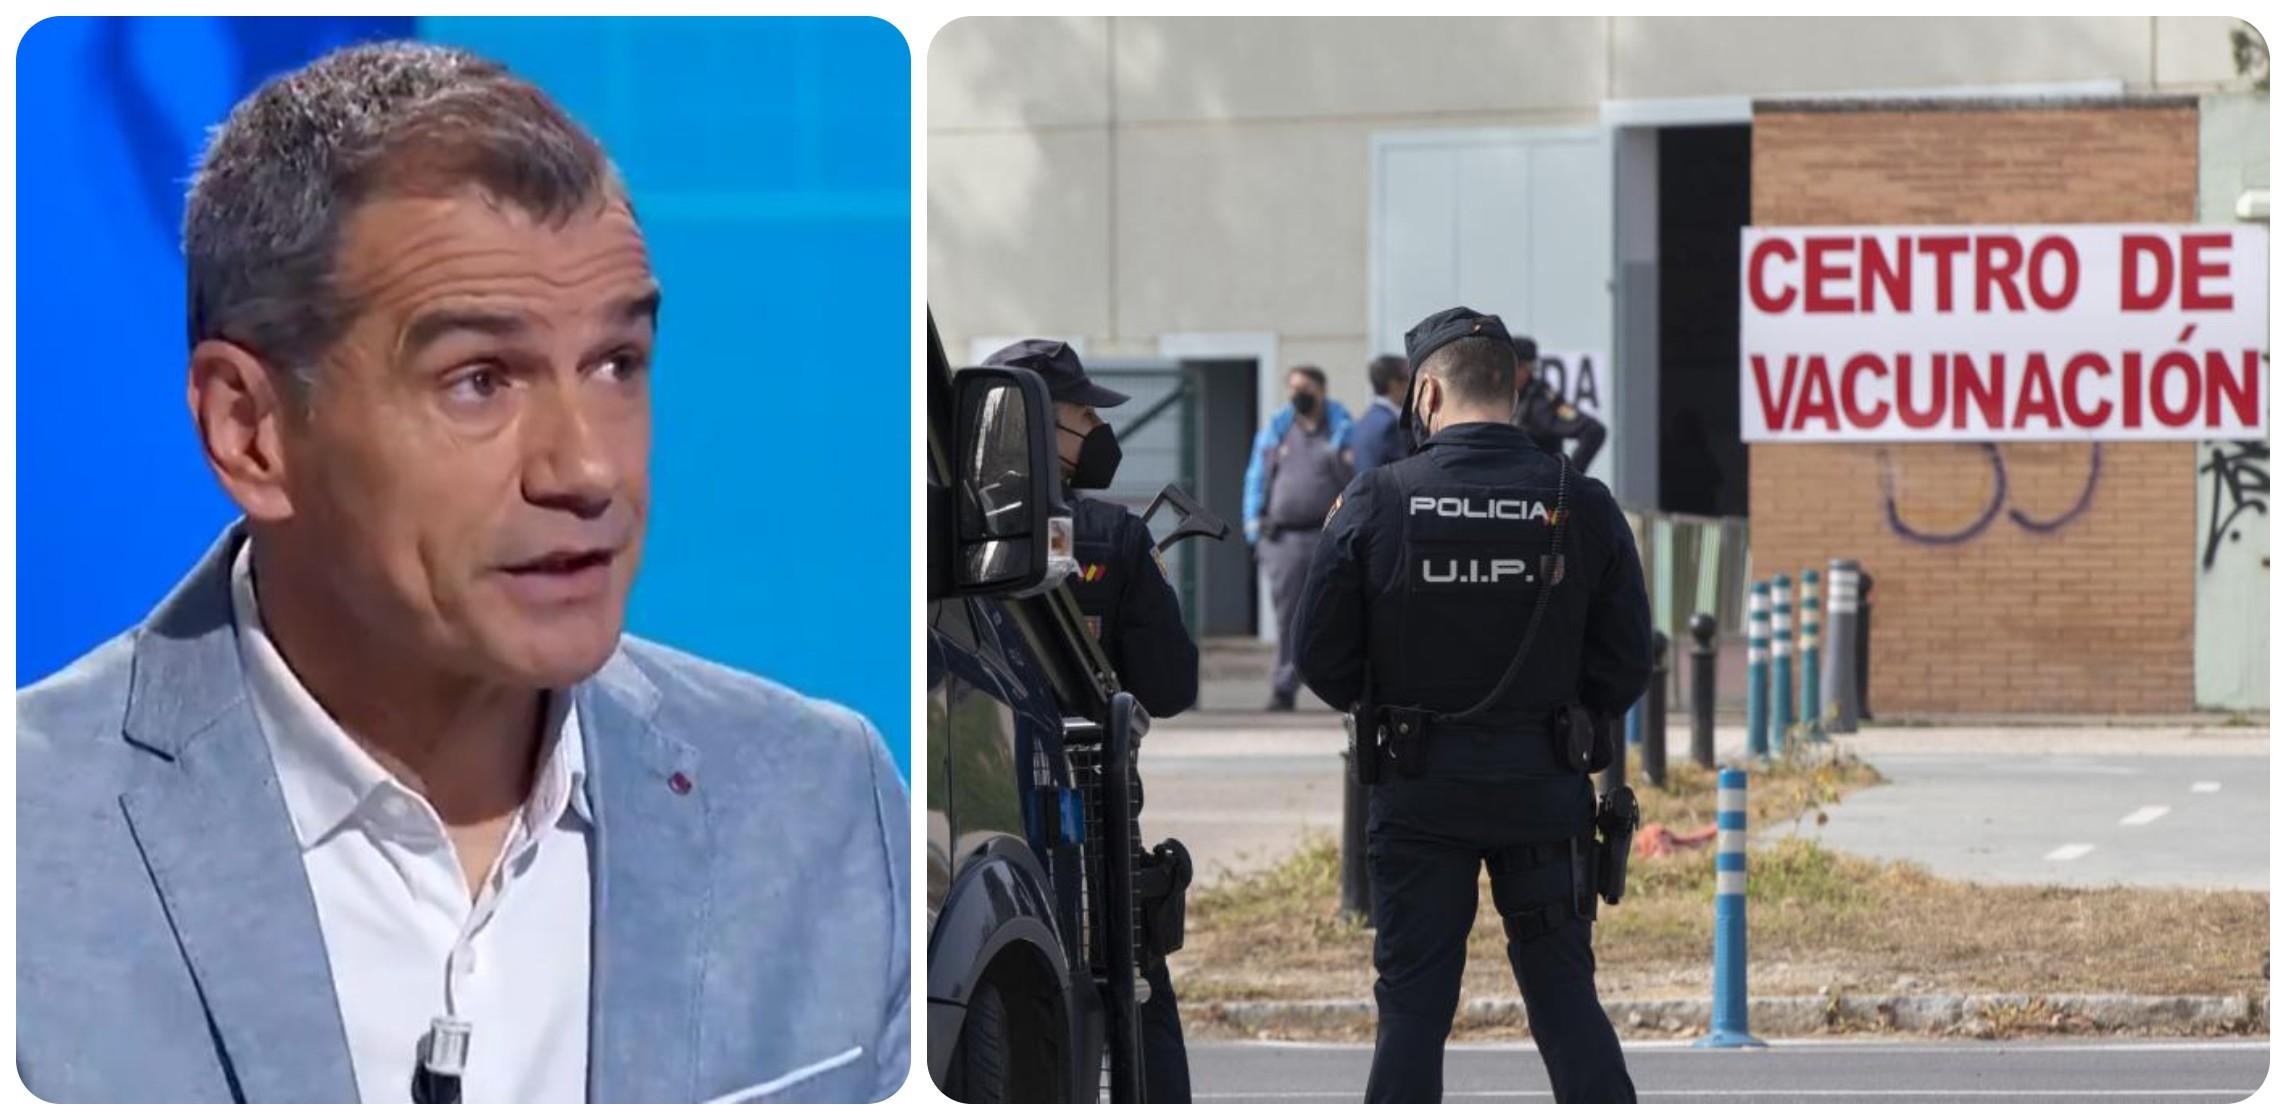 Cantó arremete contra Sánchez por permitir que sigan sin vacunar a agentes de Policía y Guardia Civil en Cataluña